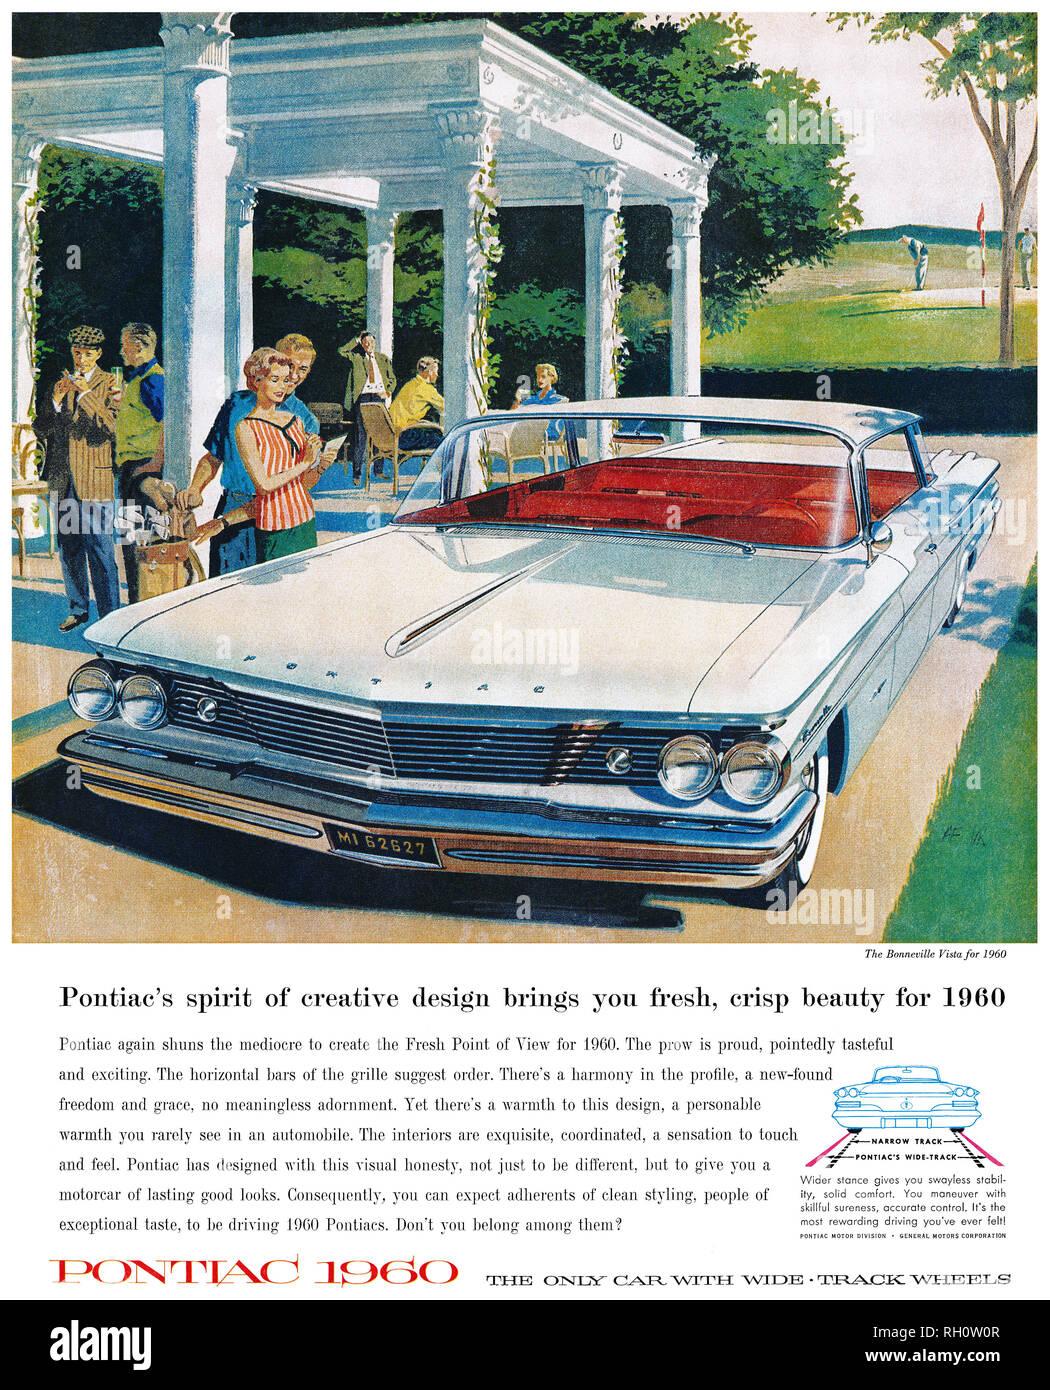 1959 U.S. advertisement for the 1960 Pontiac, showing the Bonneville Vista automobile. - Stock Image